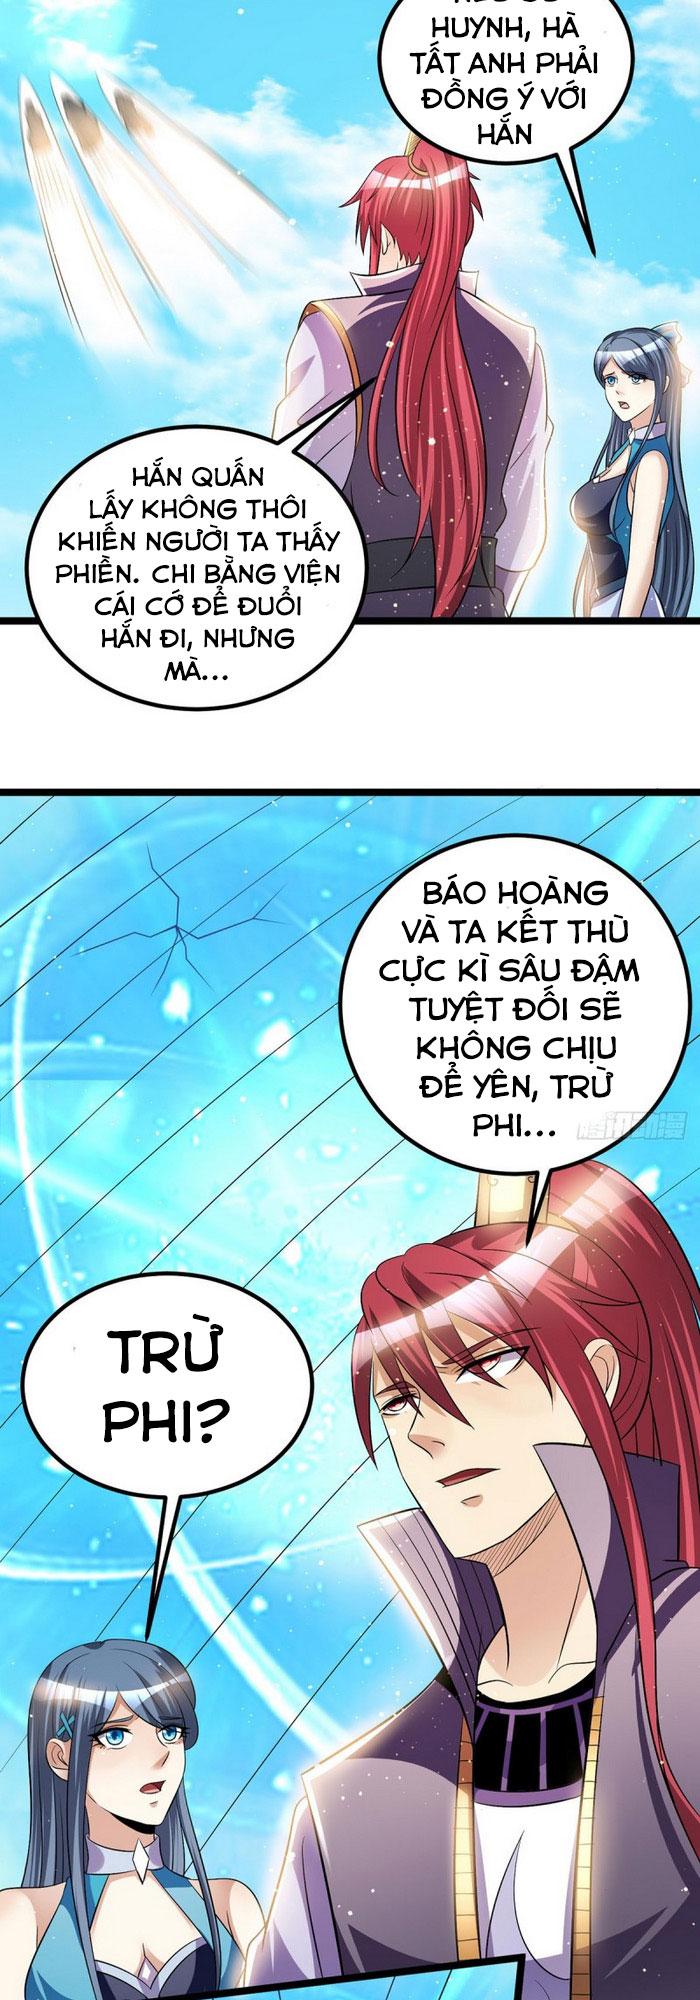 Tiên Vương Trùng Sinh chap 180 - Trang 6